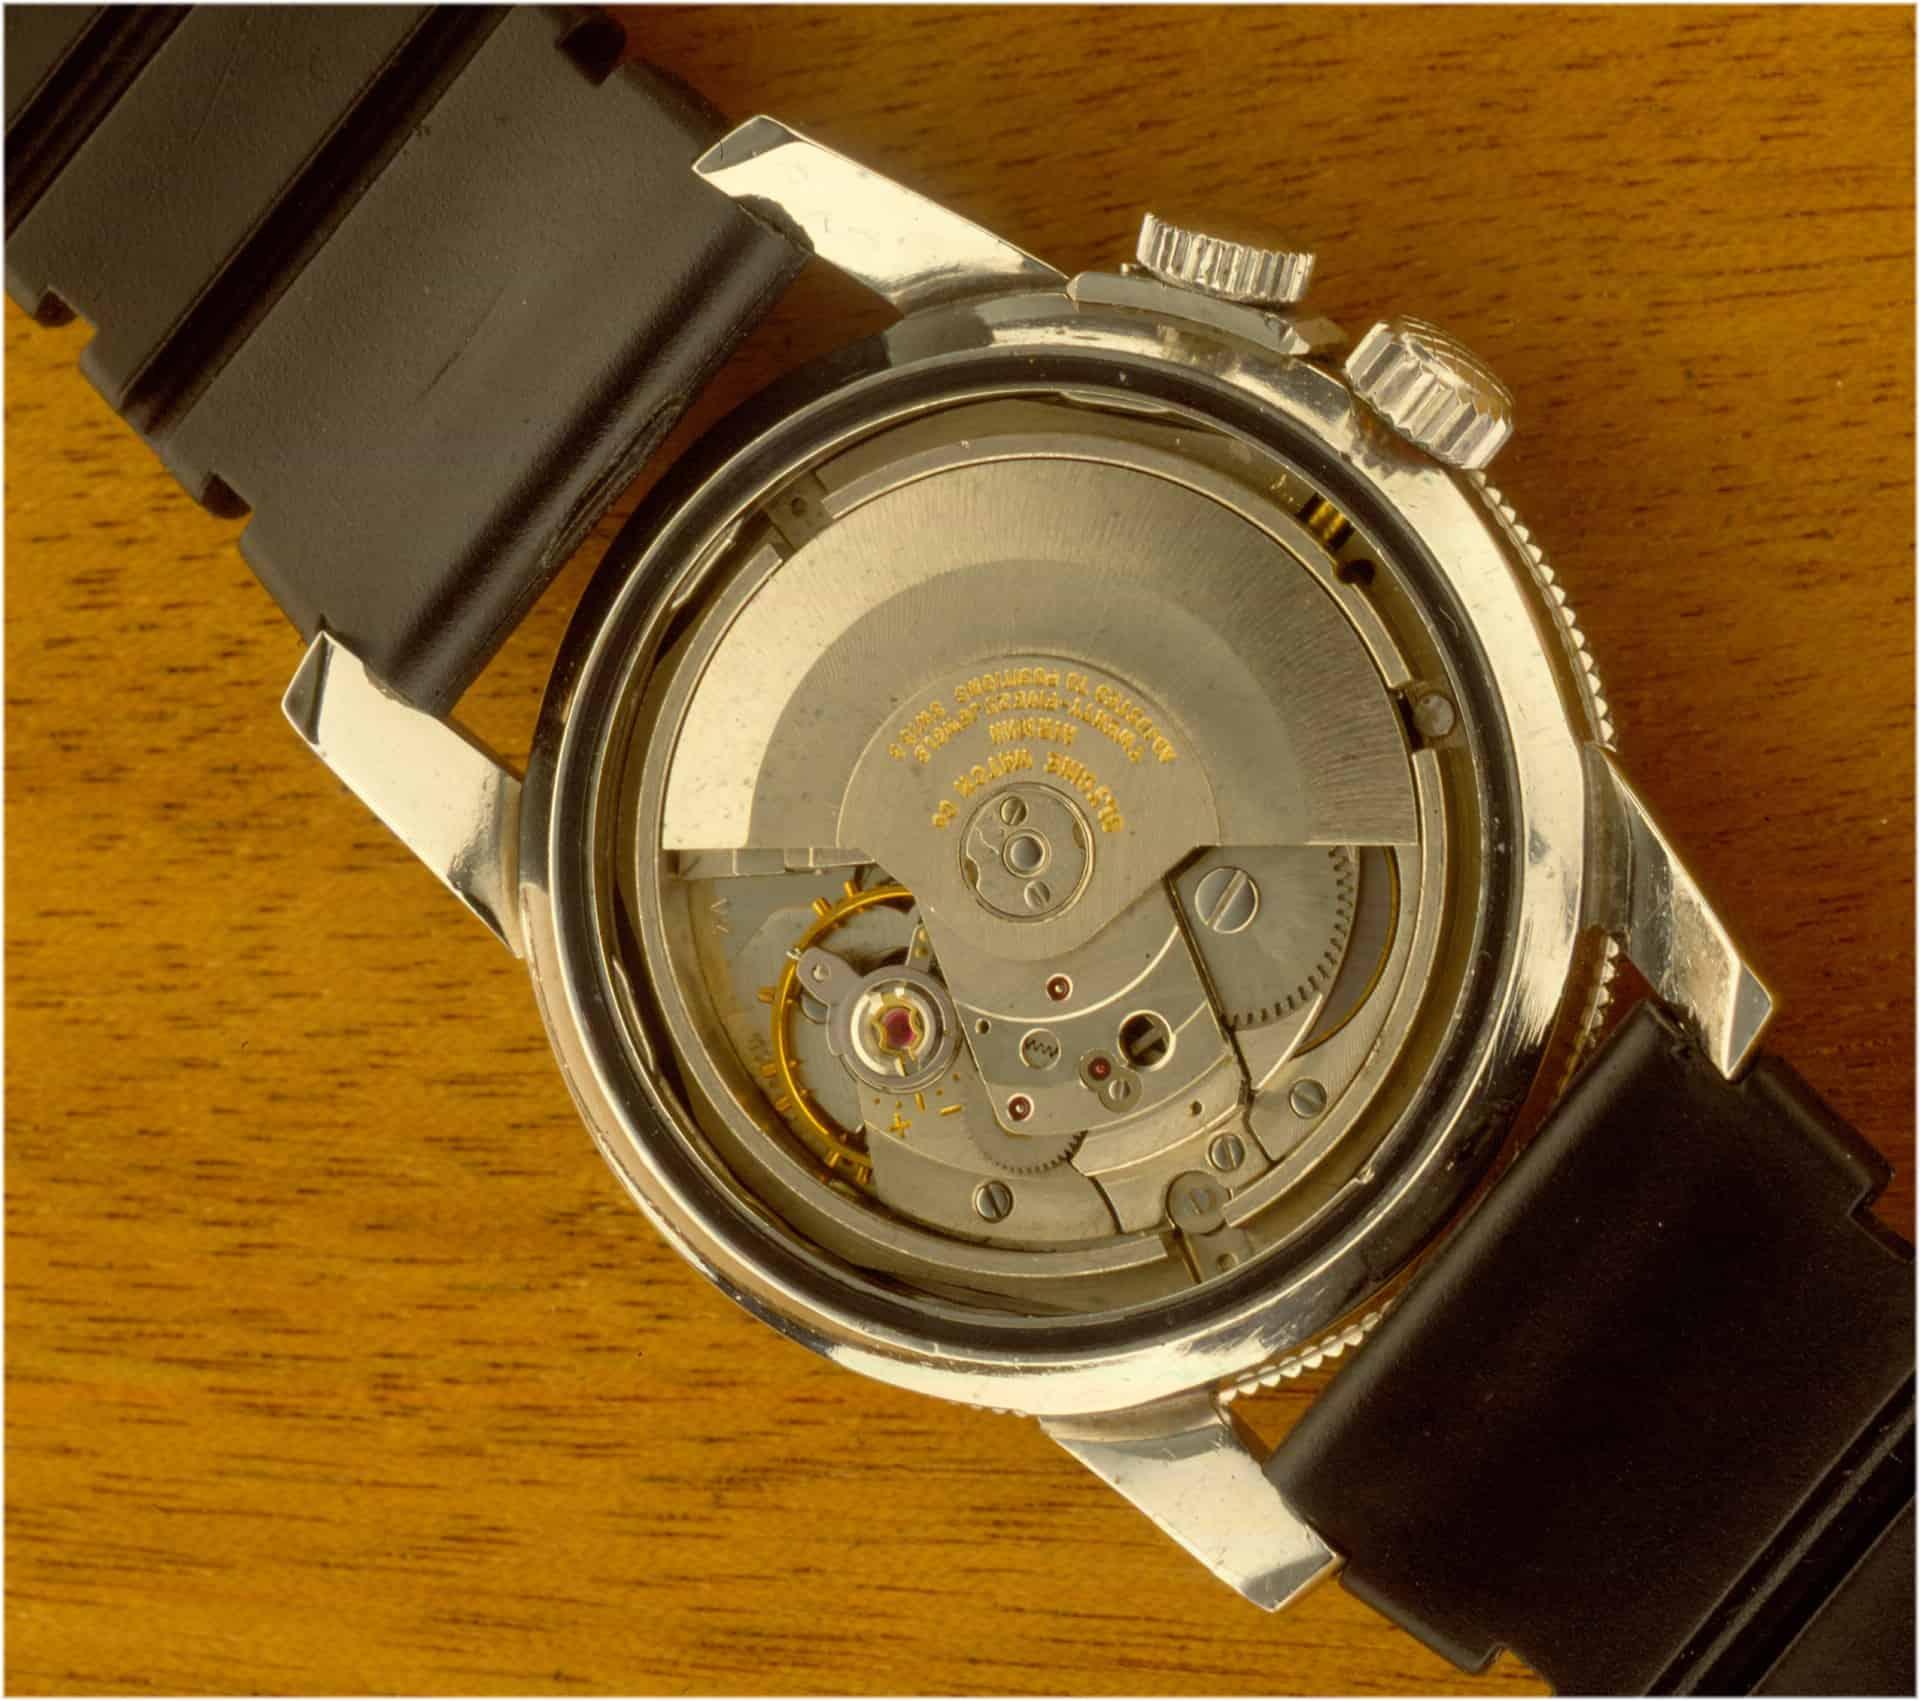 Automatikkaliber 1701 von AS, das in der Glycine Watch arbeitete